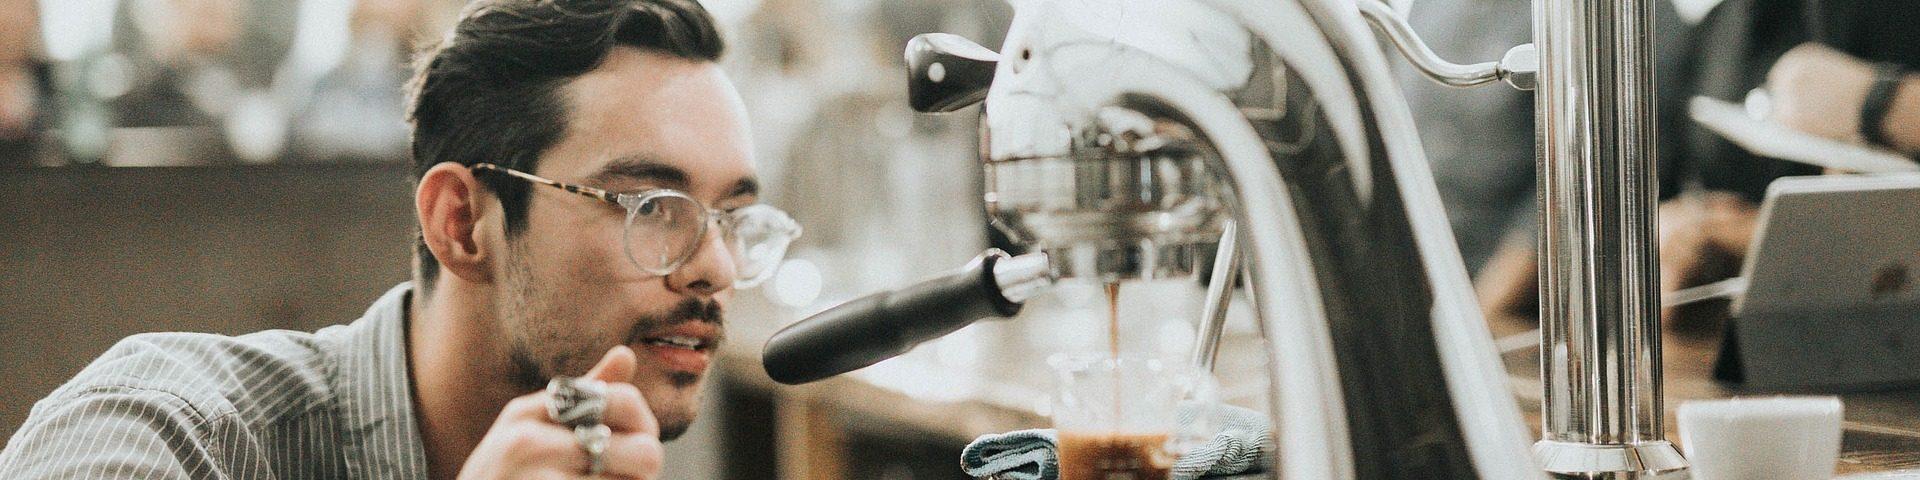 Mann mit Brille schaut sich eine Kaffeemaschine ganz genau an.